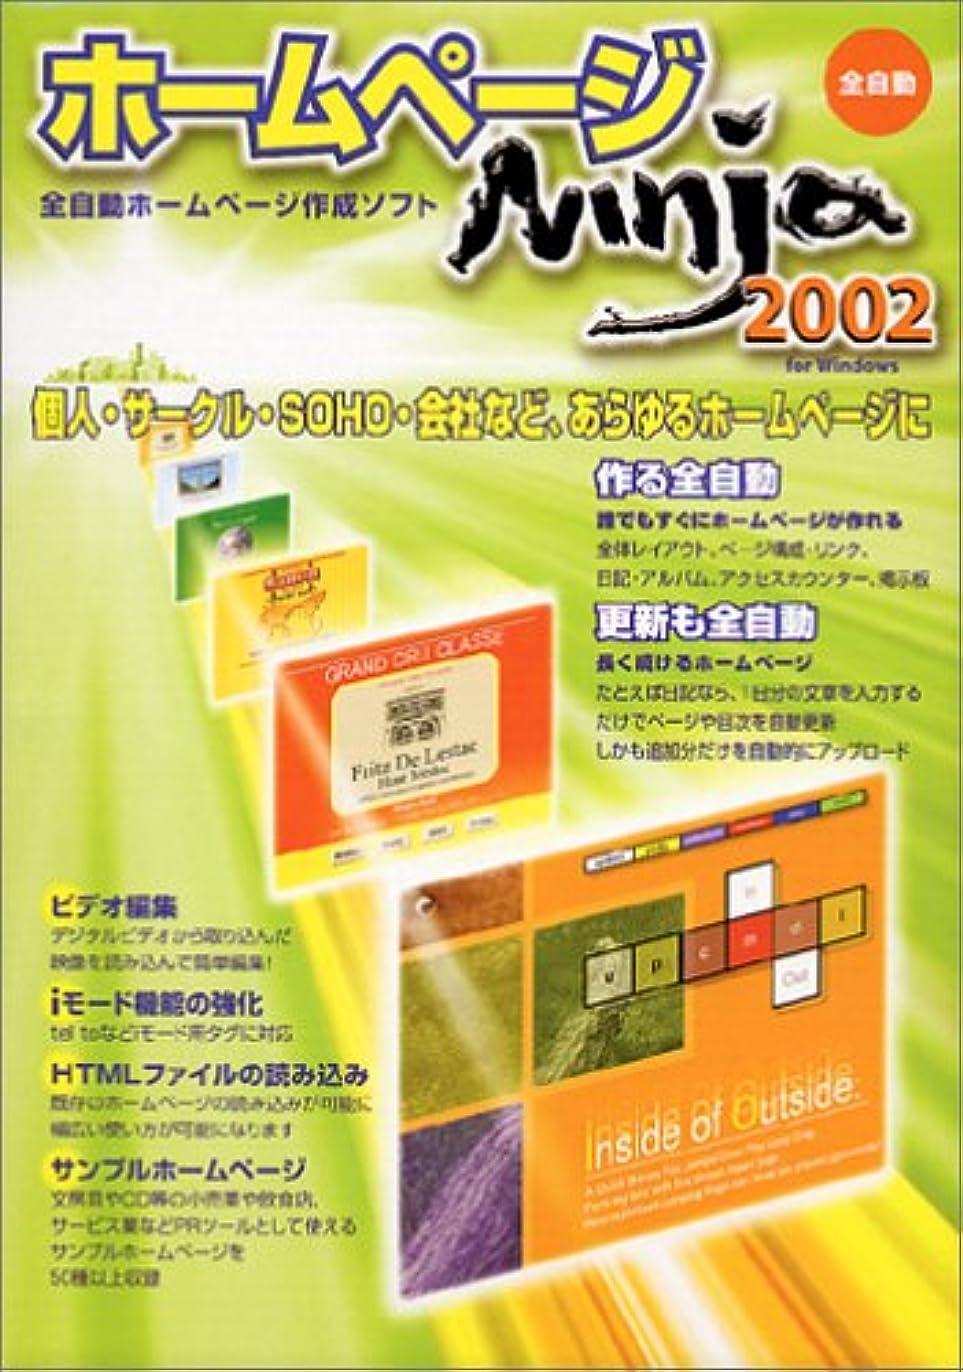 賠償請求慣性ホームページ Ninja 2002 for Windows